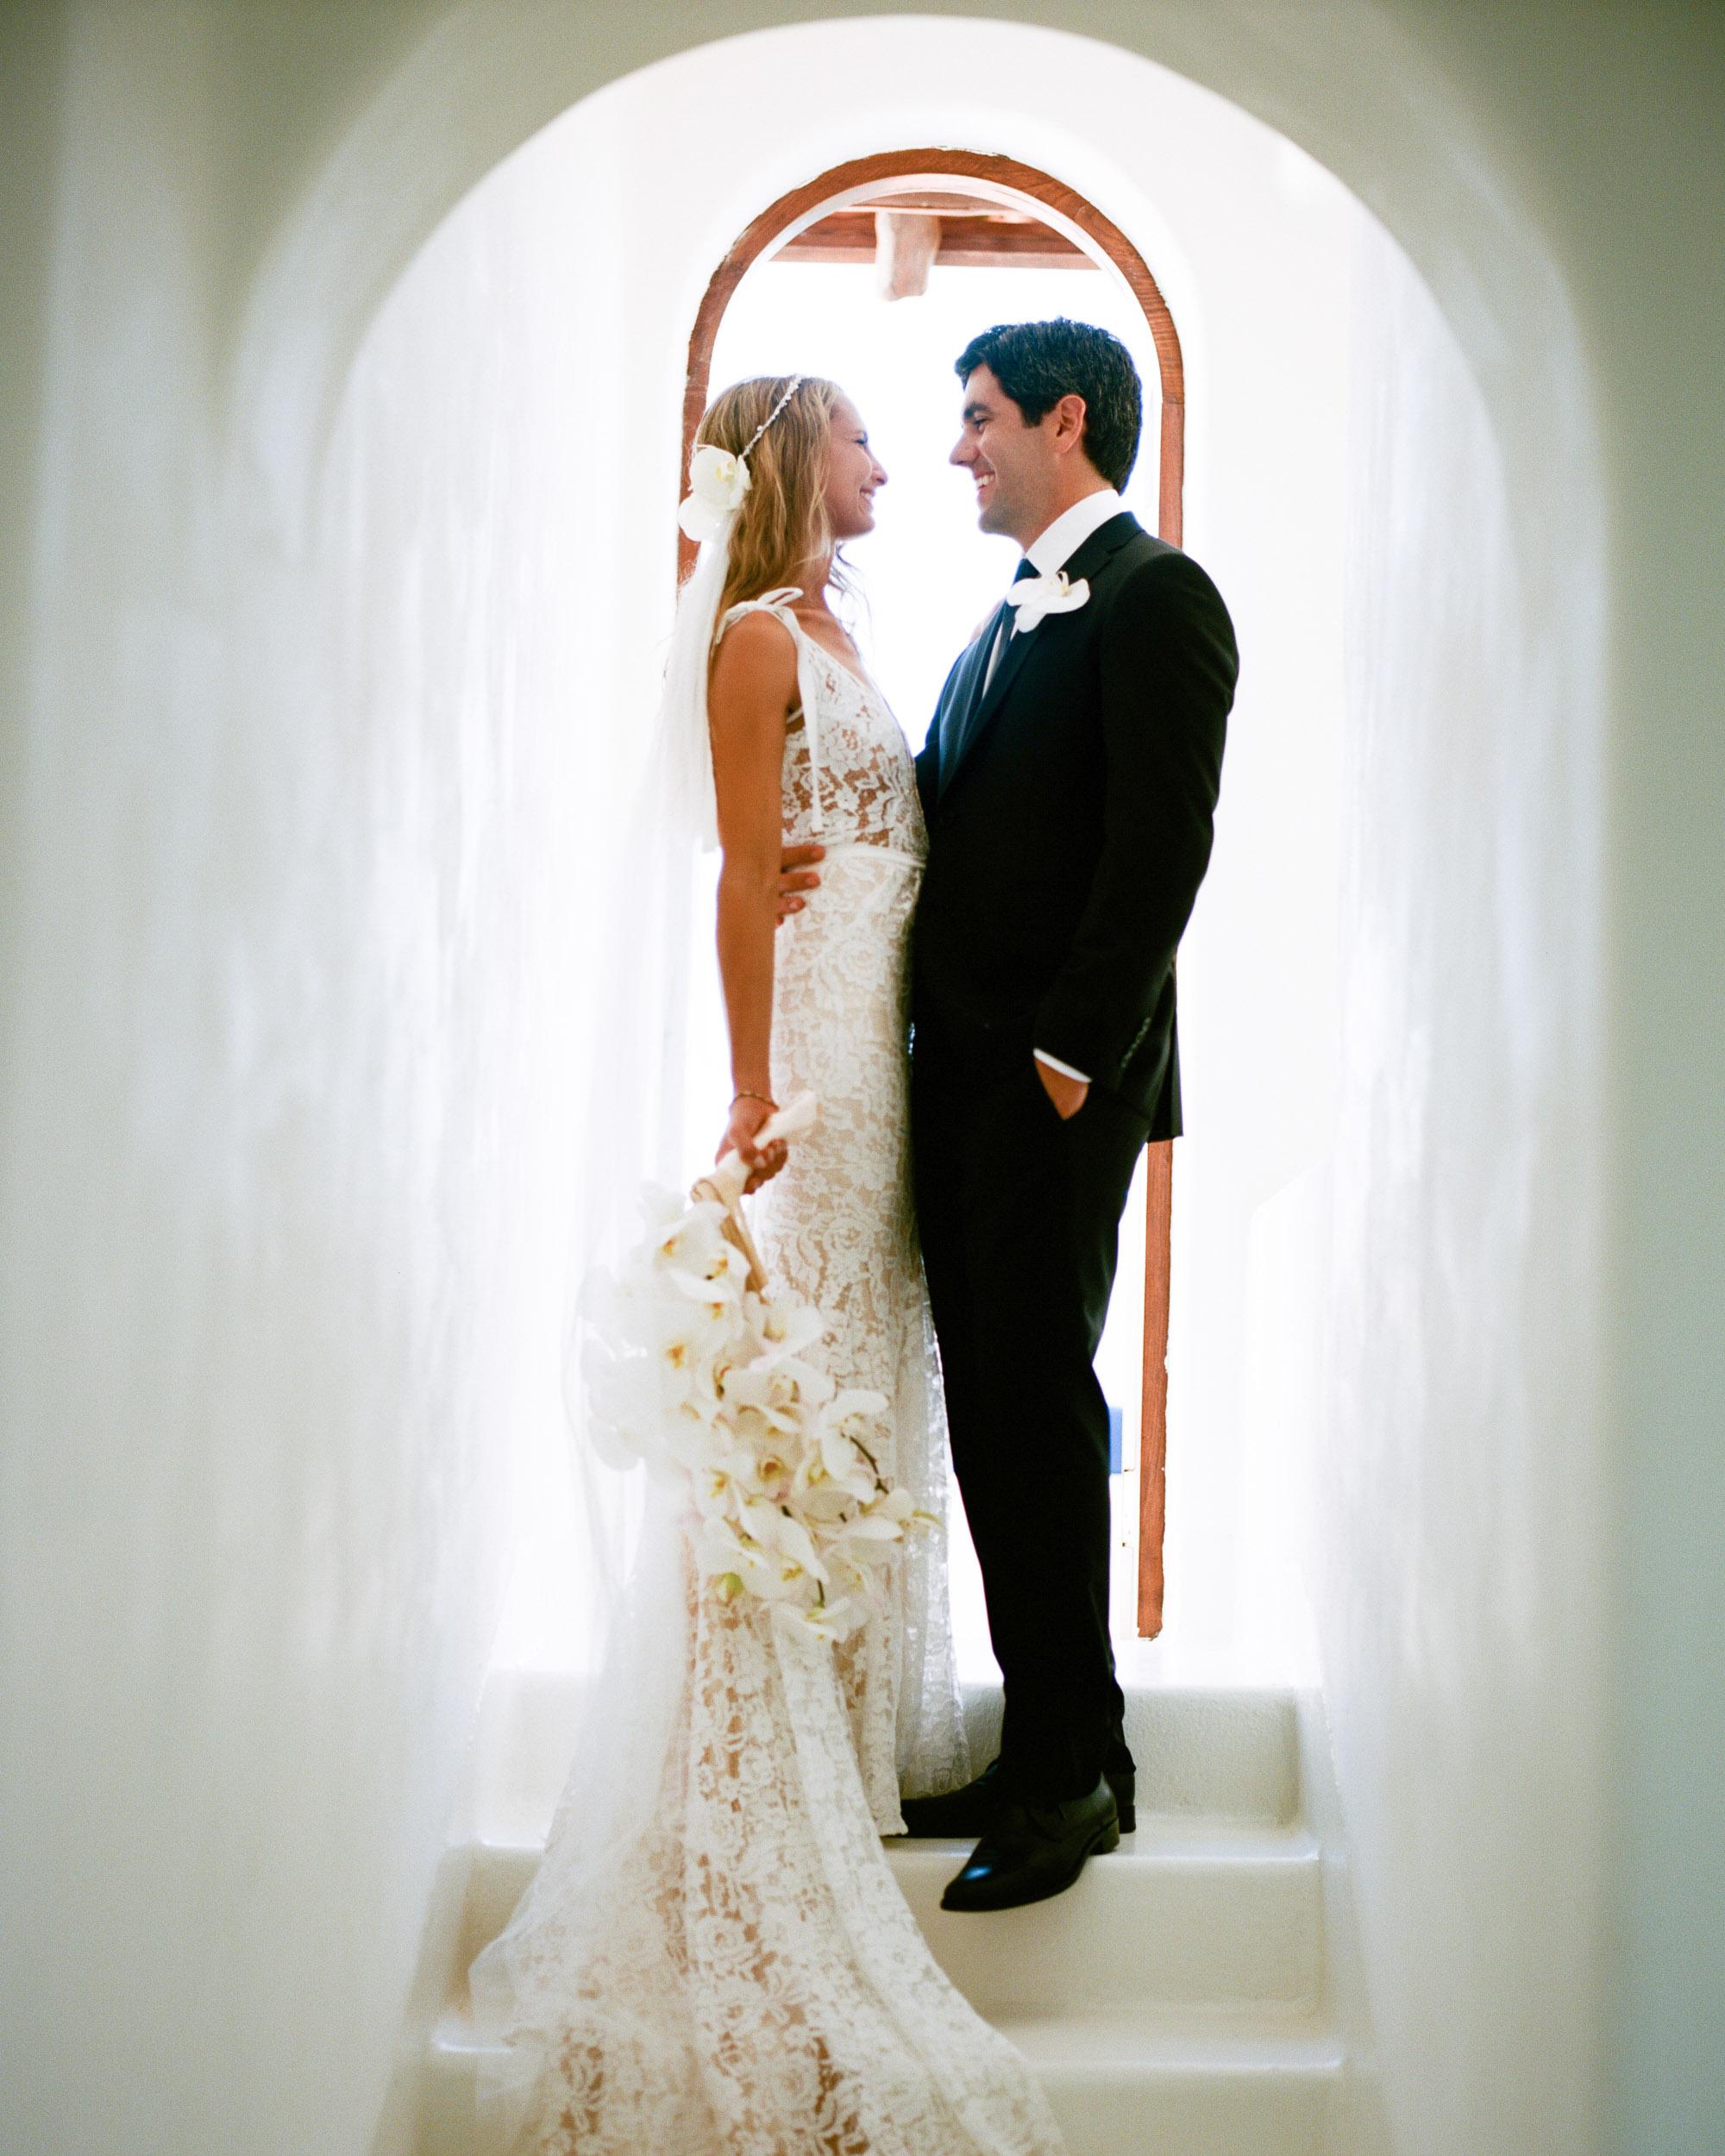 Hotel Esencia Wedding Photographer 19 1 - Hotel Esencia